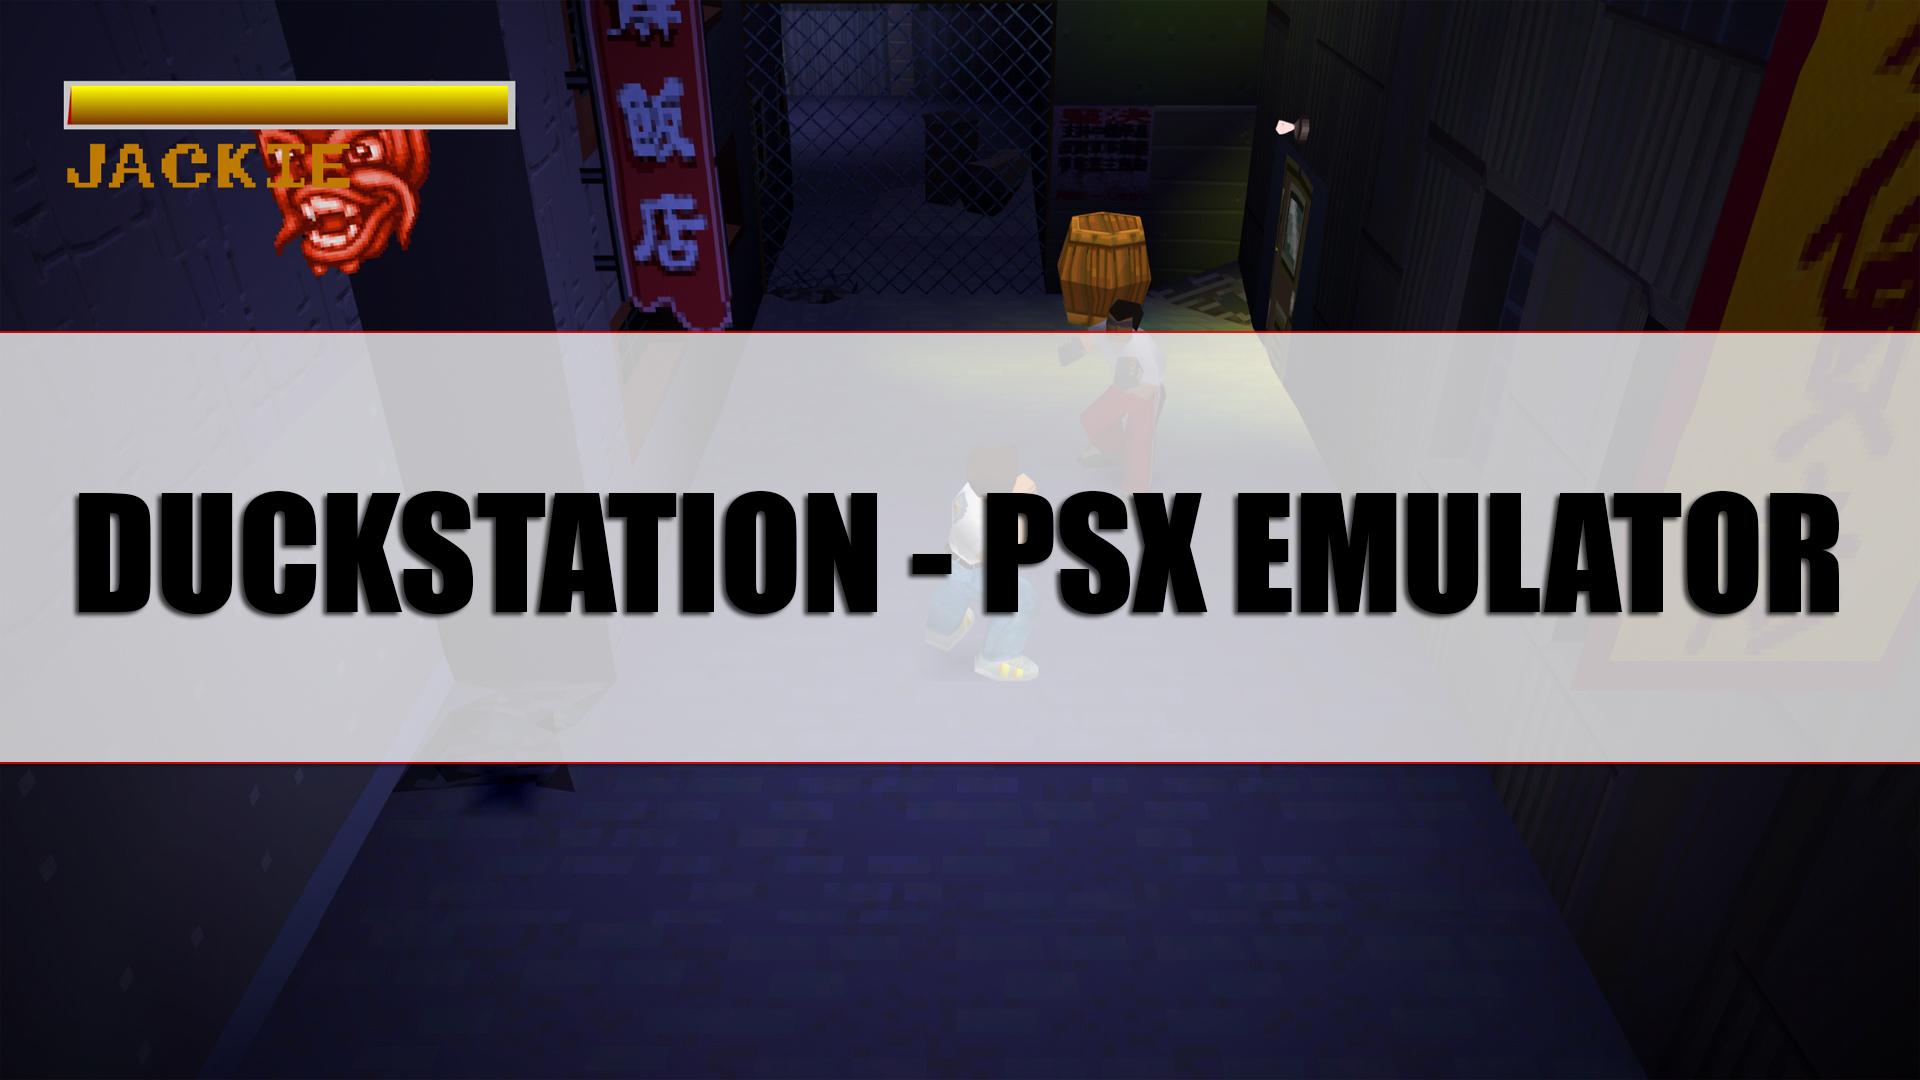 Duckstation: Playstation 1 Emulation in 4k